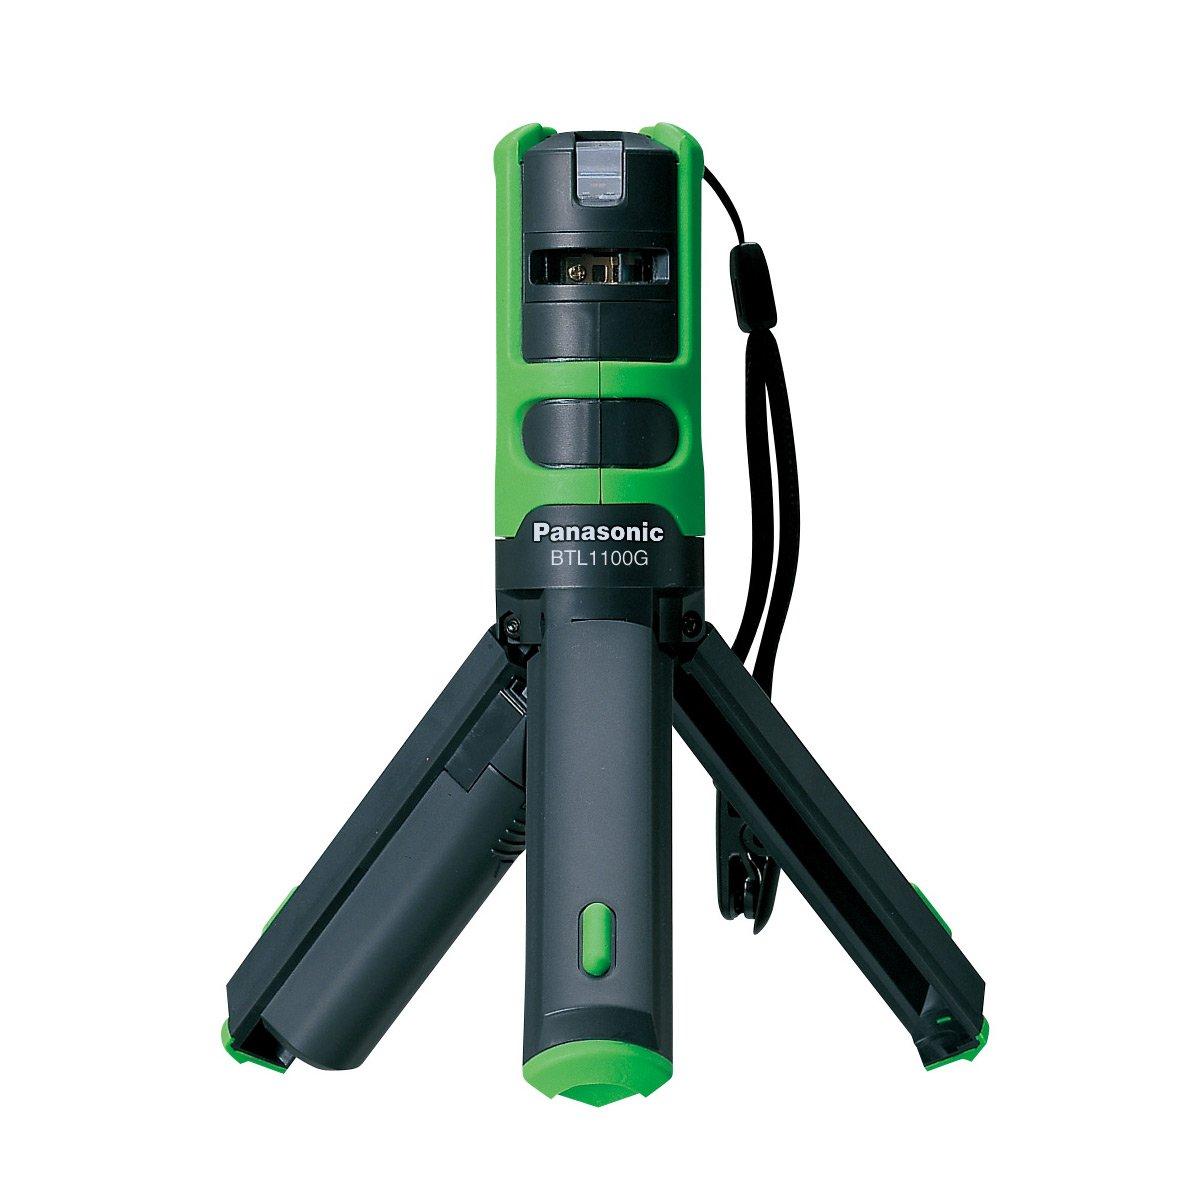 パナソニック(Panasonic) レーザーマーカー 墨出し名人 ケータイ 壁十文字タイプ 回転台 アルミケース 測量器用三脚取付金具付き グリーン BTL1101G B008B0R3OC  グリーン